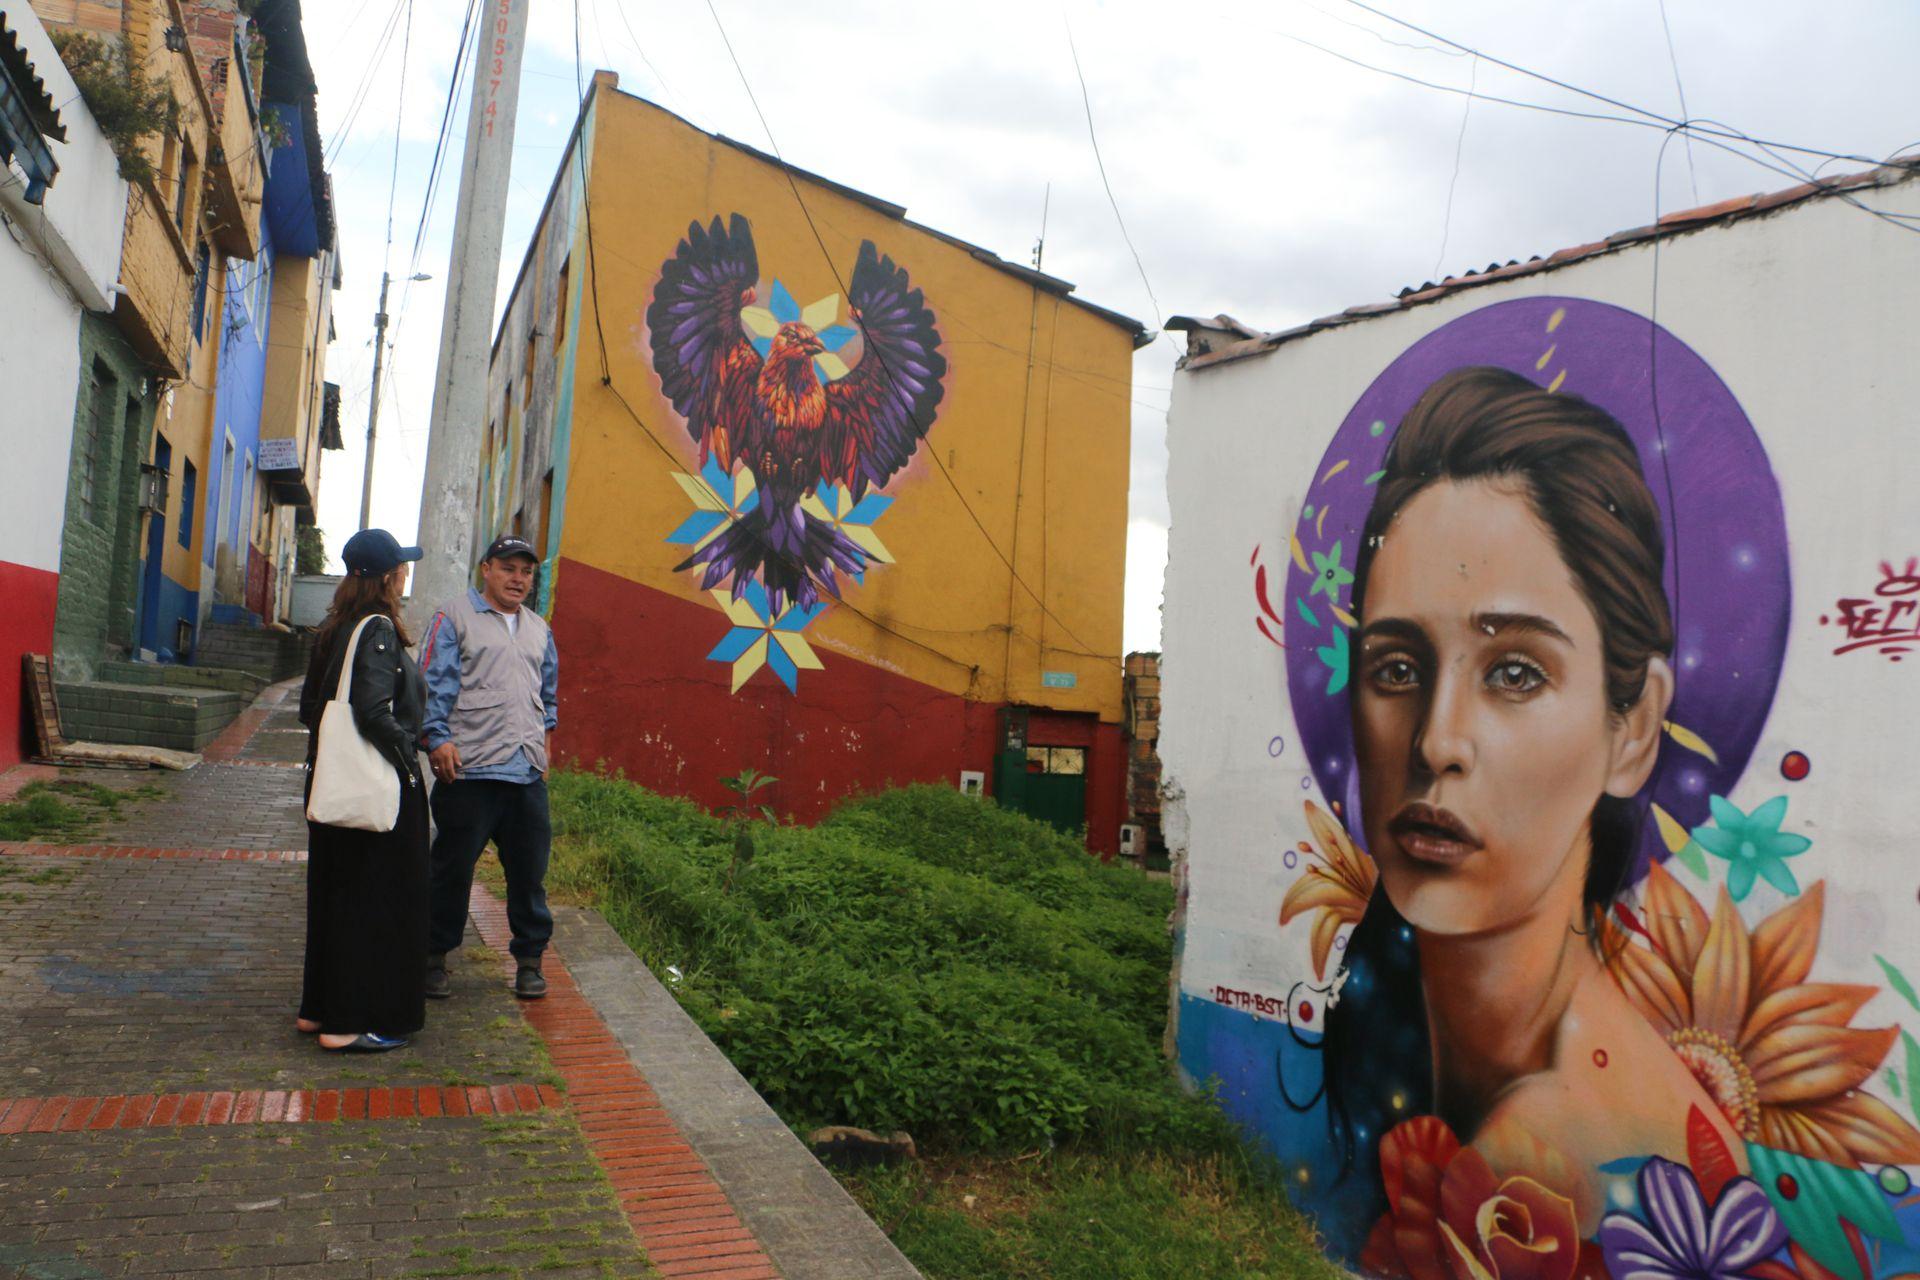 Breaking Borders, el proyecto de un grupo de exconvictos, consiguió revertir la imagen violenta de Egipto, el segundo barrio más antiguo de Bogotá.